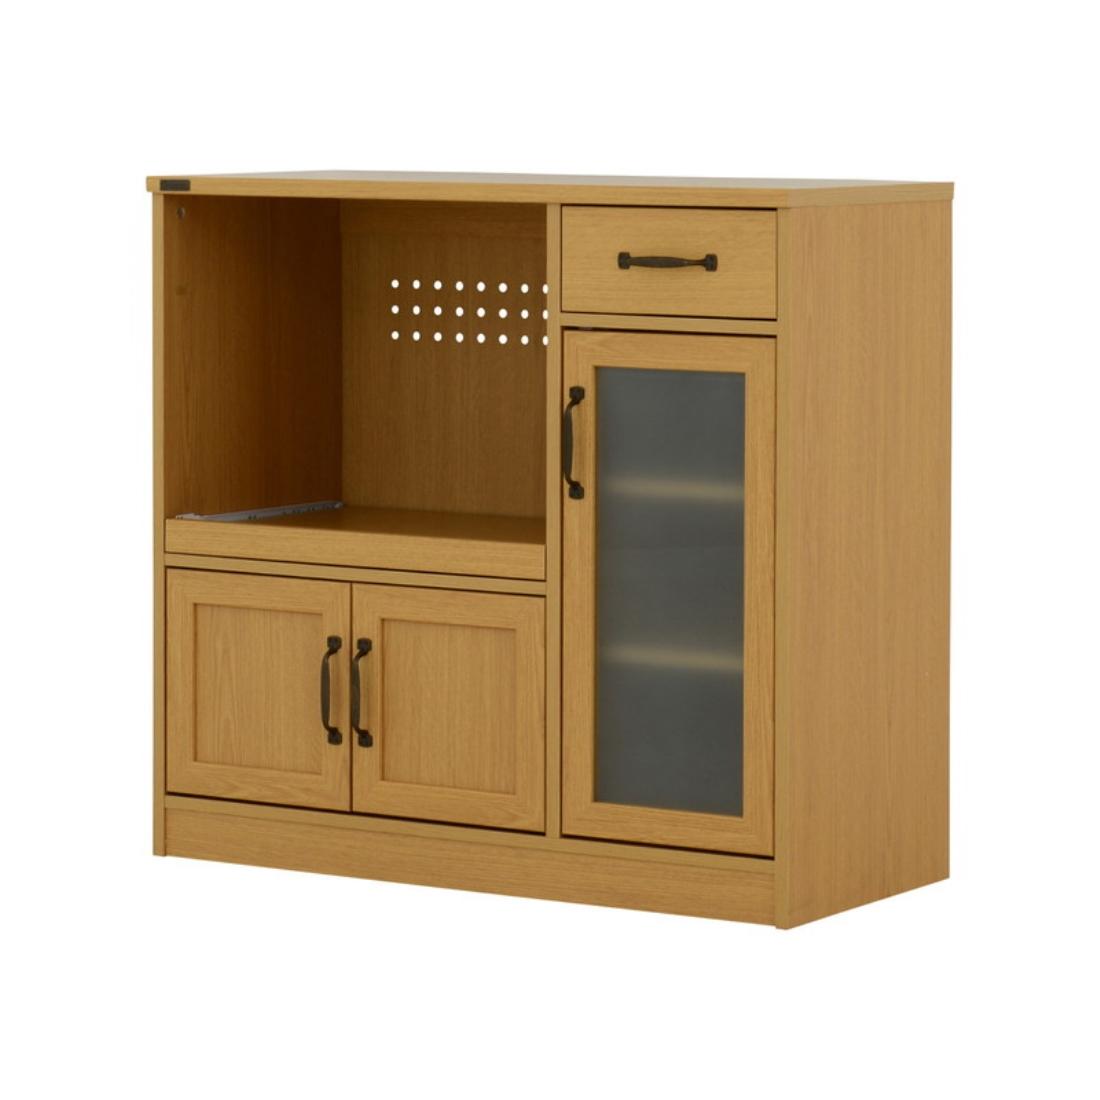 送料無料 オシャレ 家具 キッチン 収納 ARDI(アルディ)レンジボード(ロータイプ 90cm幅) オシャレ